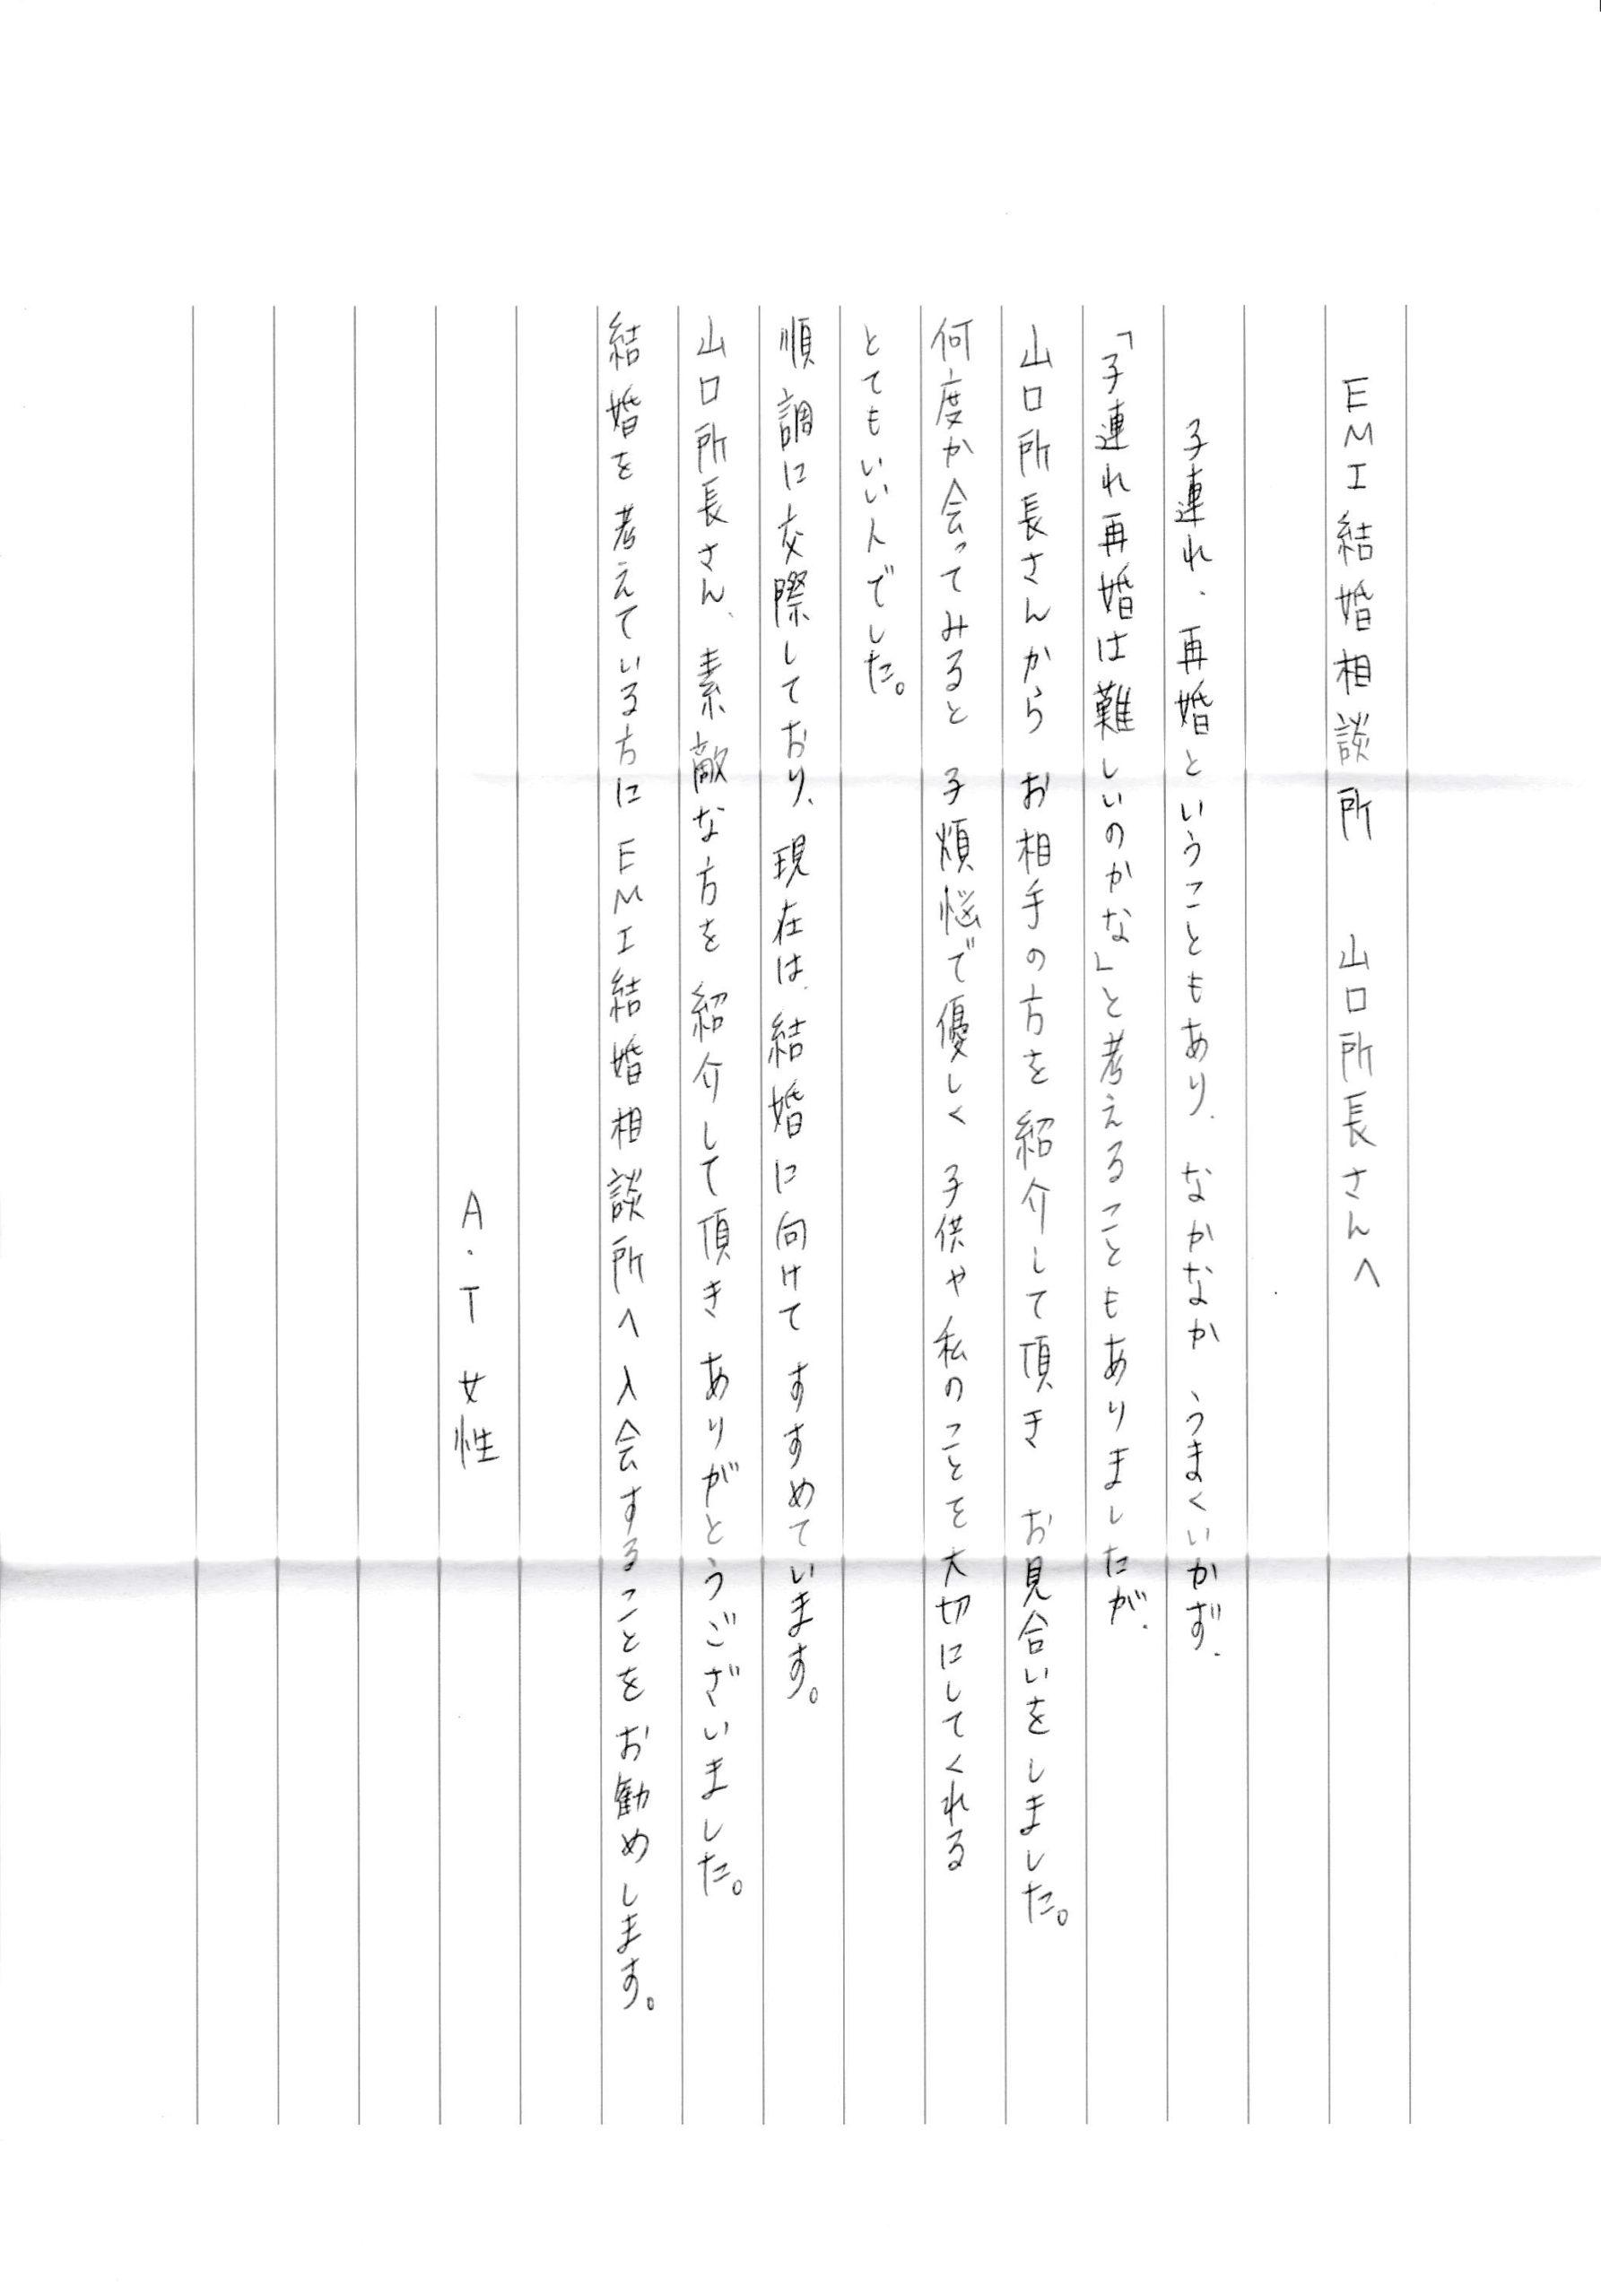 婚活後の徳島EMI結婚相談所でのご成婚者様 女性 A・T様